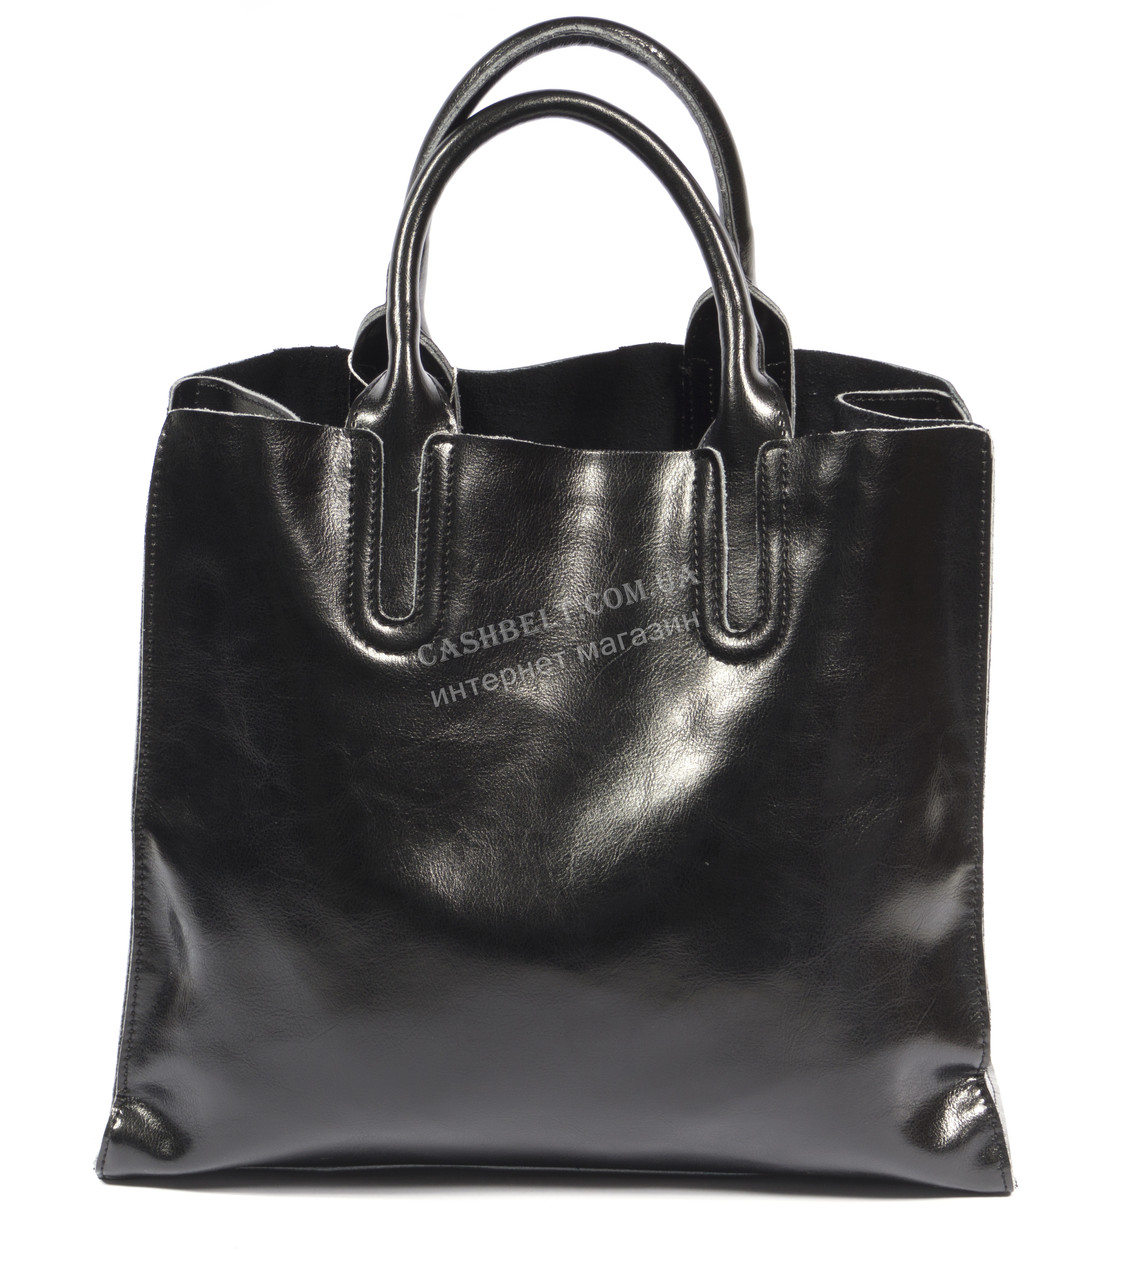 Стильная средняя женская сумка черного цвета с натуральной масляной кожи SOLANA art. 1205 черная